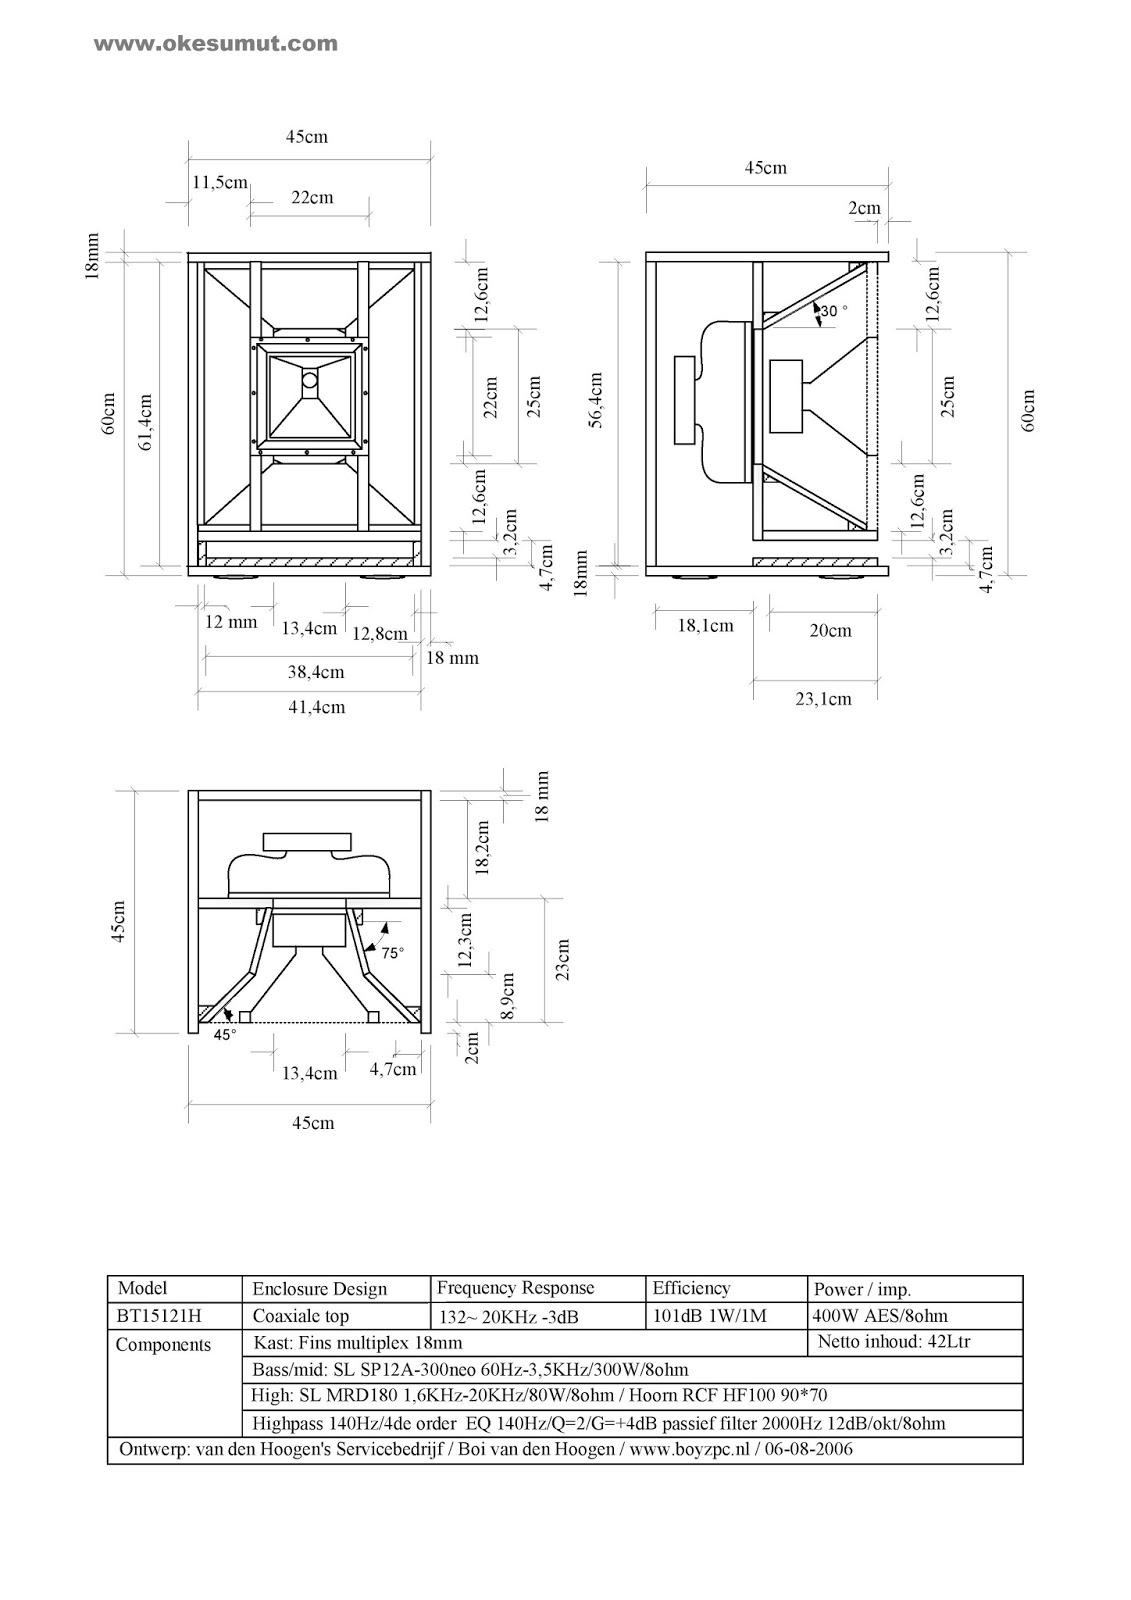 Skema Ukuran Box Speaker 15inch Mid Daftar Harga Terbaru